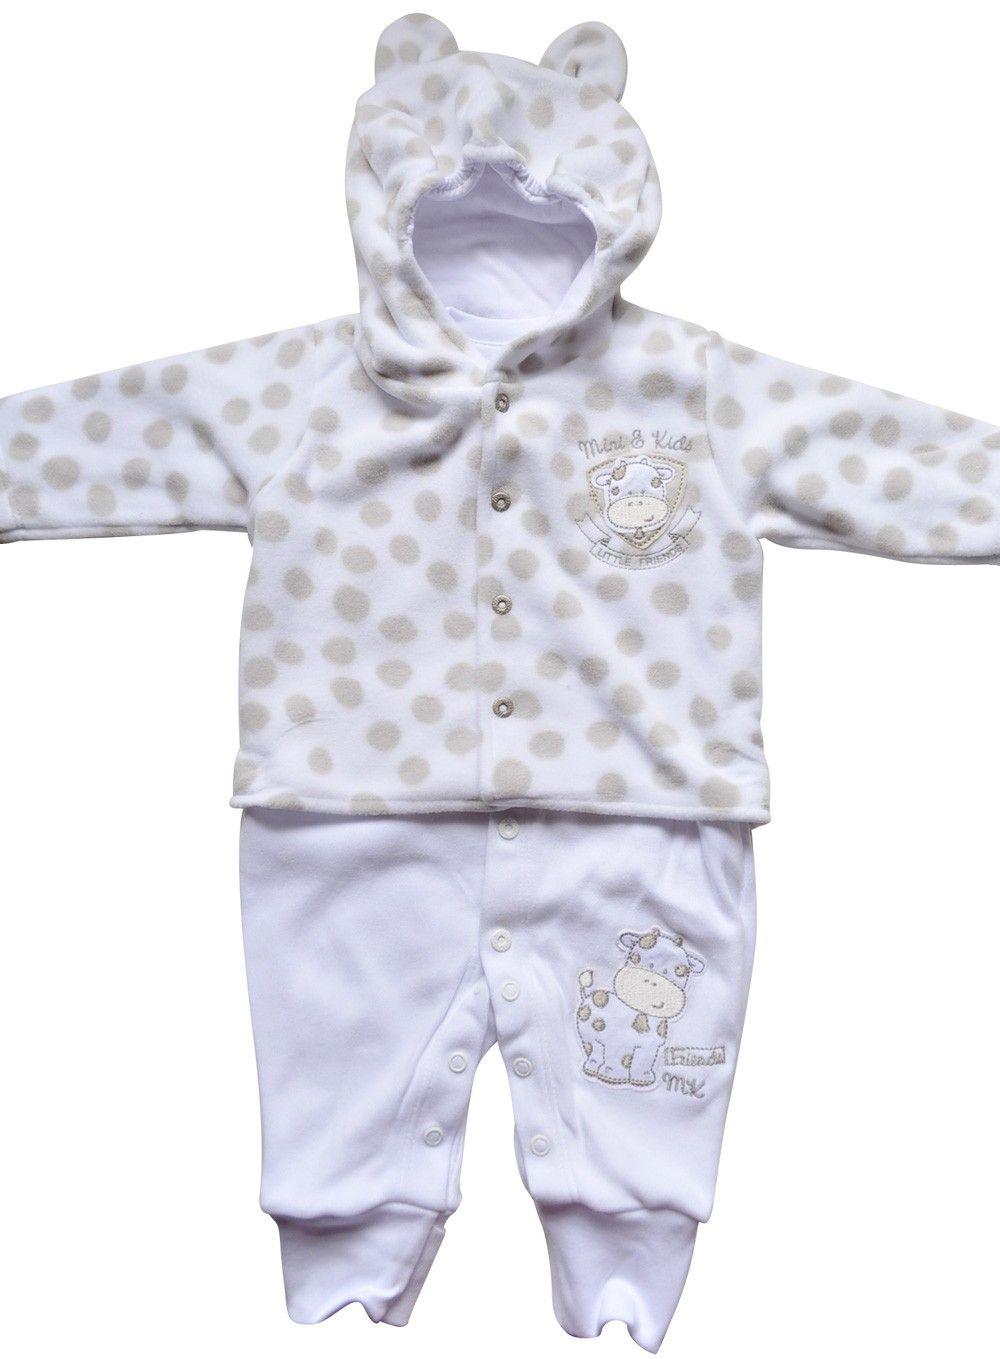 561e49a560 Roupas de bebê. Moda bebê. Roupinhas de Bebê. Baby Clothes.